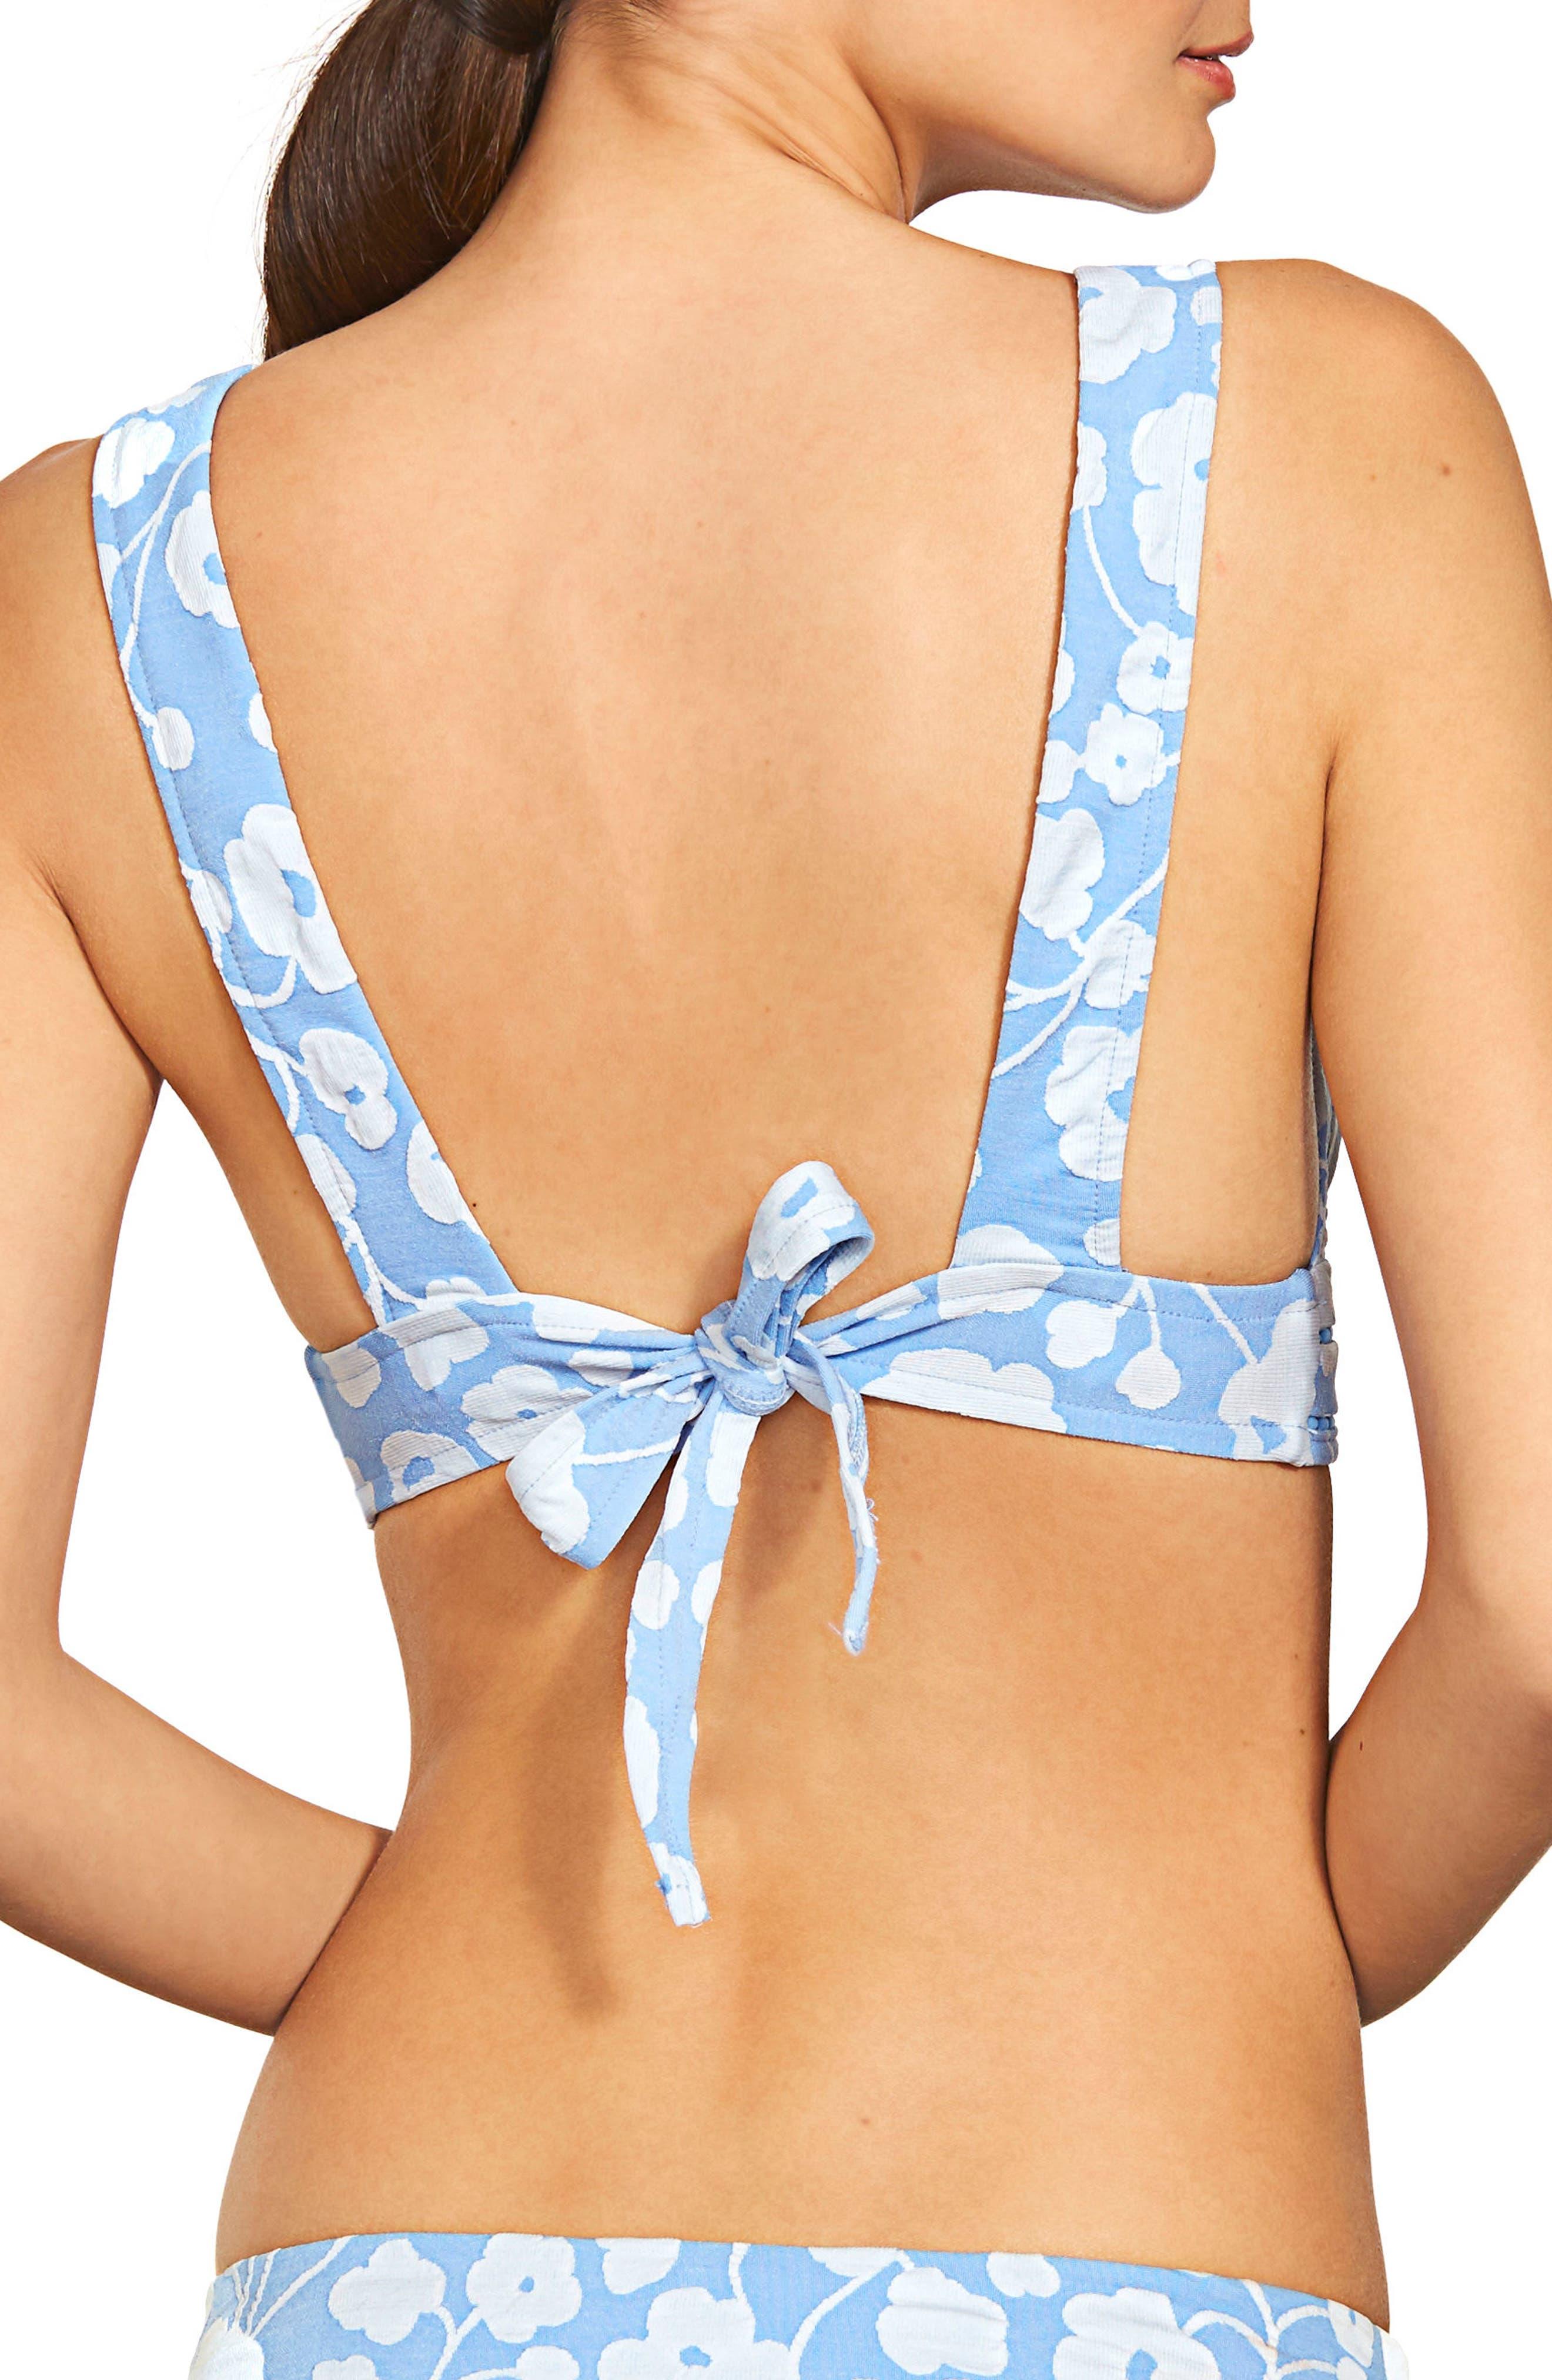 Sadie Floral Bikini Top,                             Alternate thumbnail 2, color,                             462